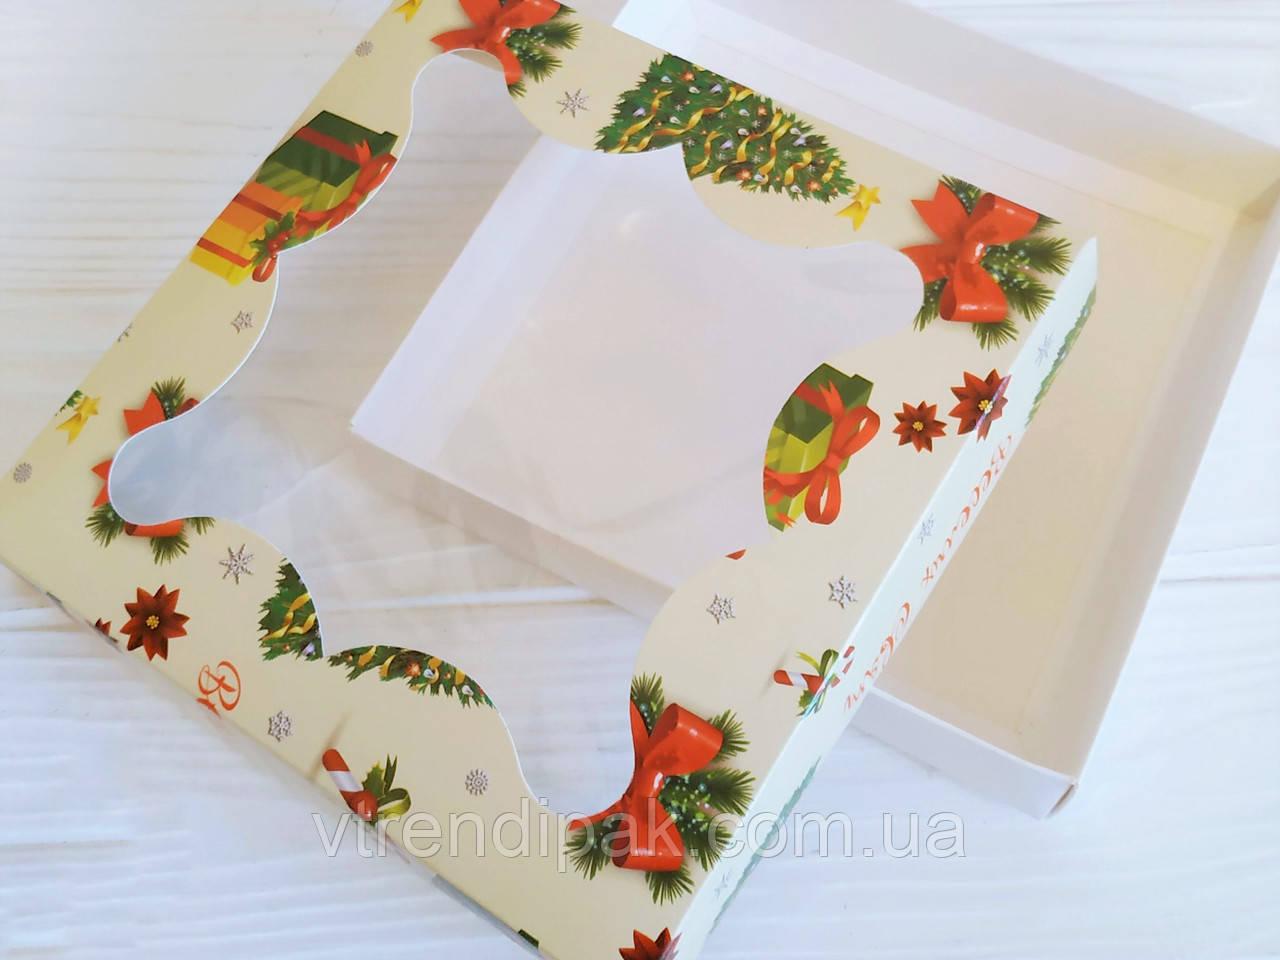 """Коробка для пряника 155*155*30 Новорічна """"Ялинка"""" мелований картон з вікном (плівка ПВХ)"""